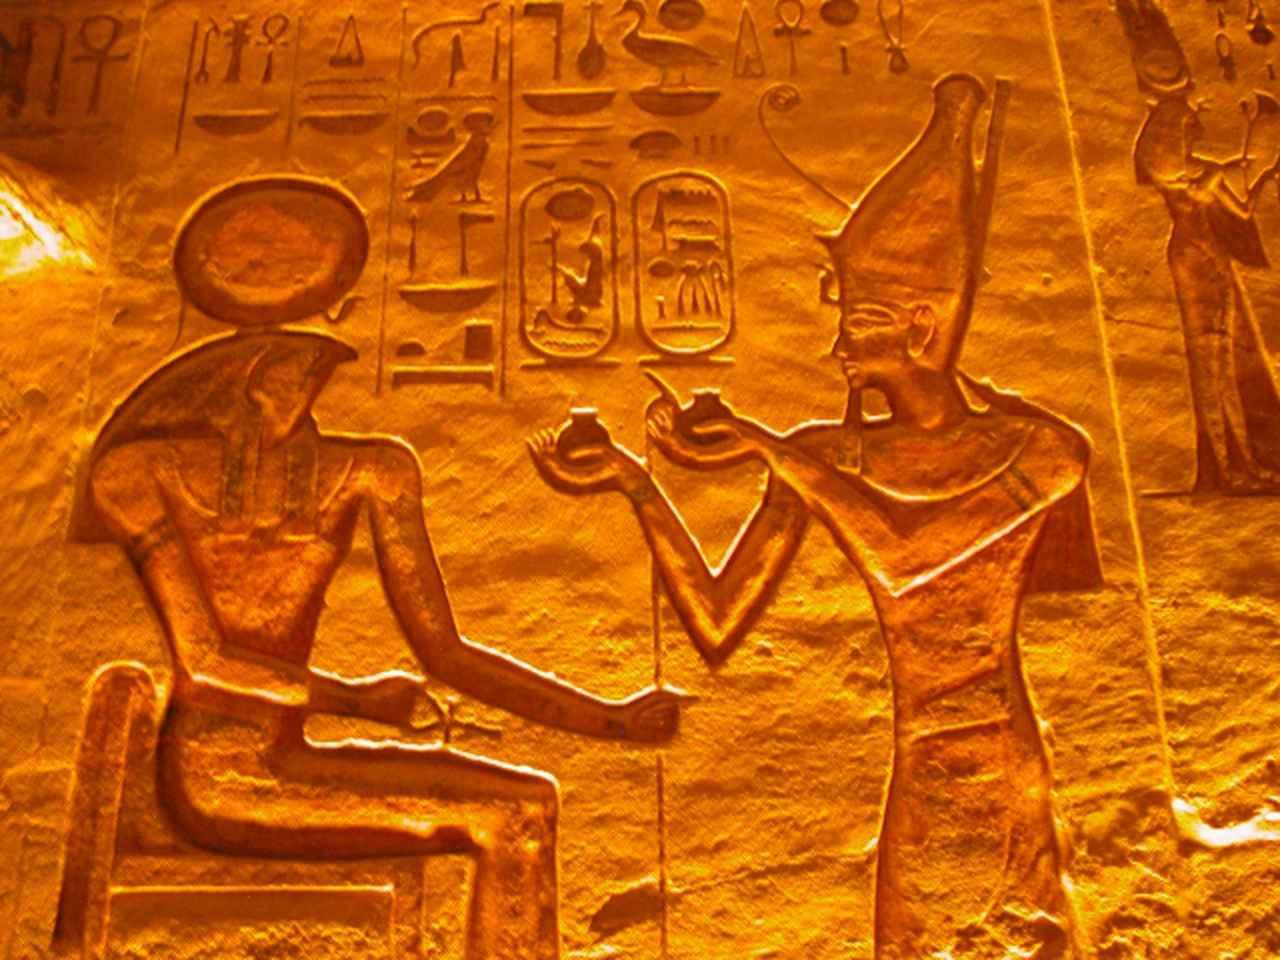 画像: ▲神殿内のレリーフ 左側が太陽神ラー